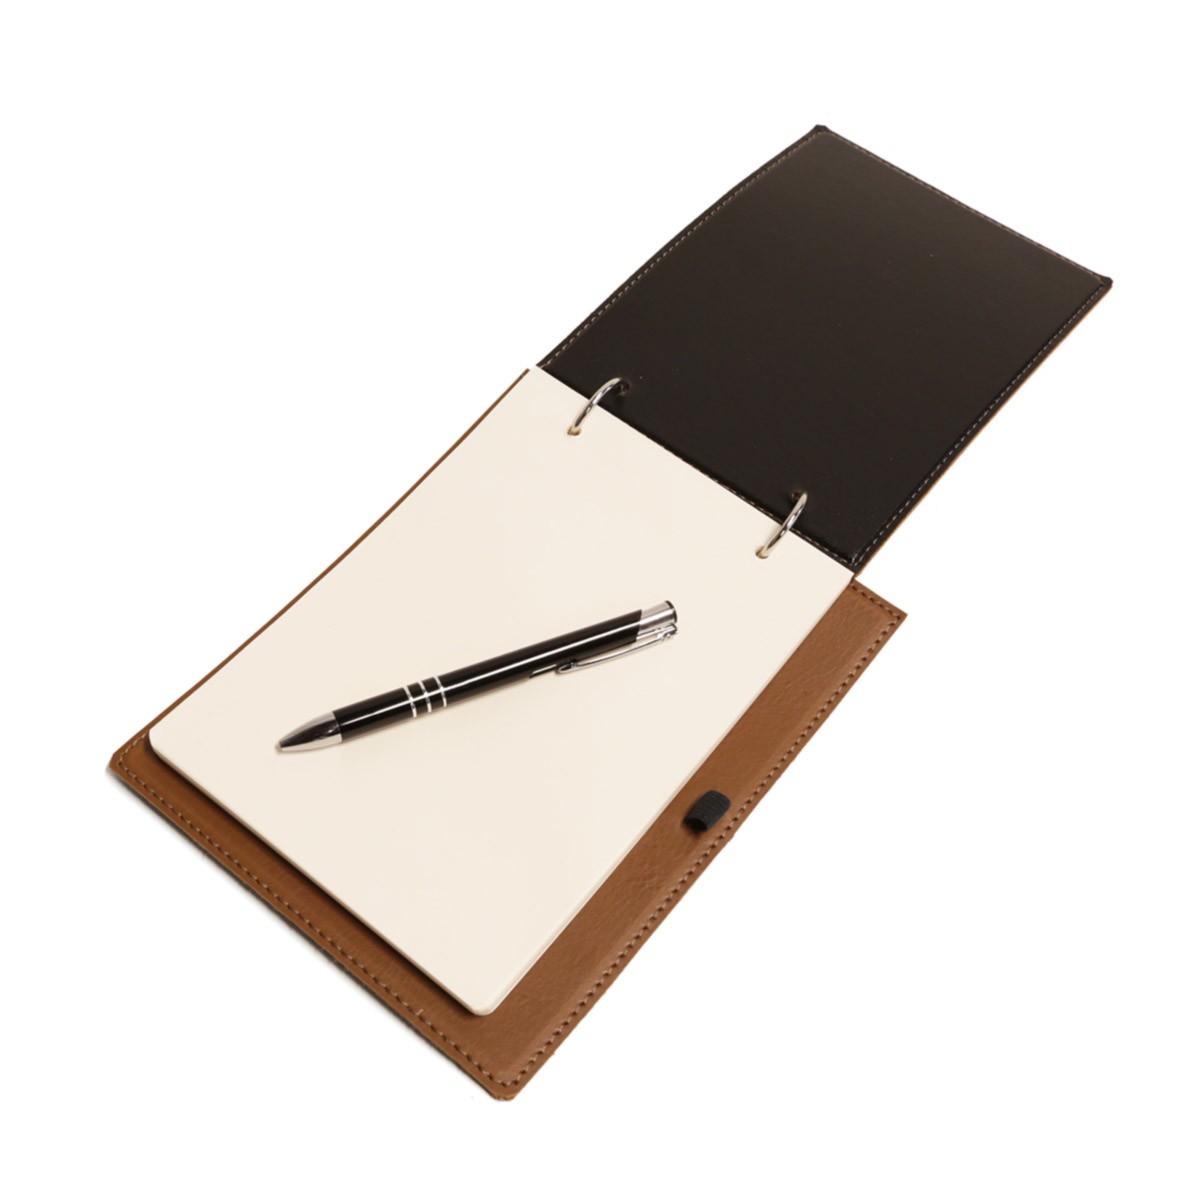 Bloco argola com caneta (Montana Havana)